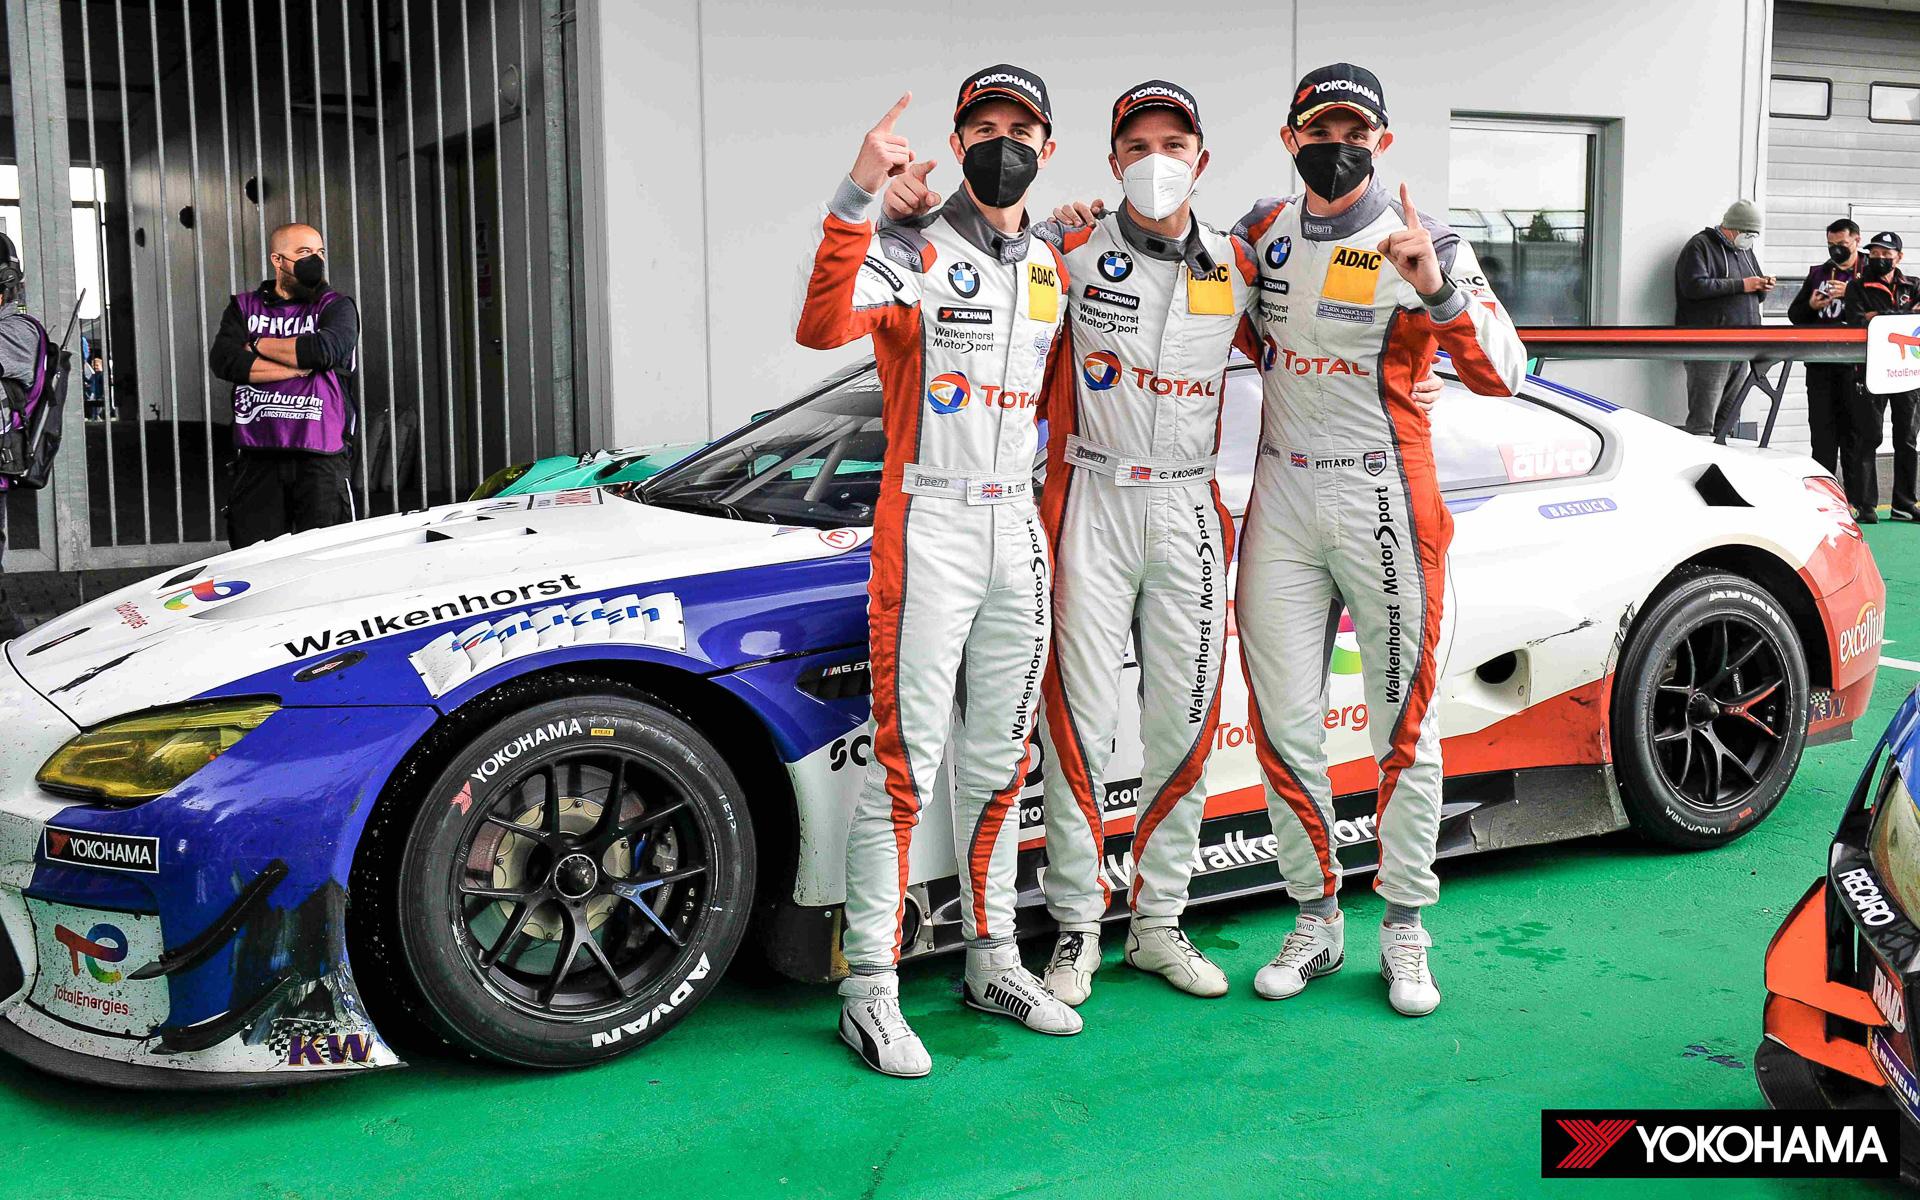 左からドライバーのBen Tuck選手、Christian Krognes選手、David Pittard選手